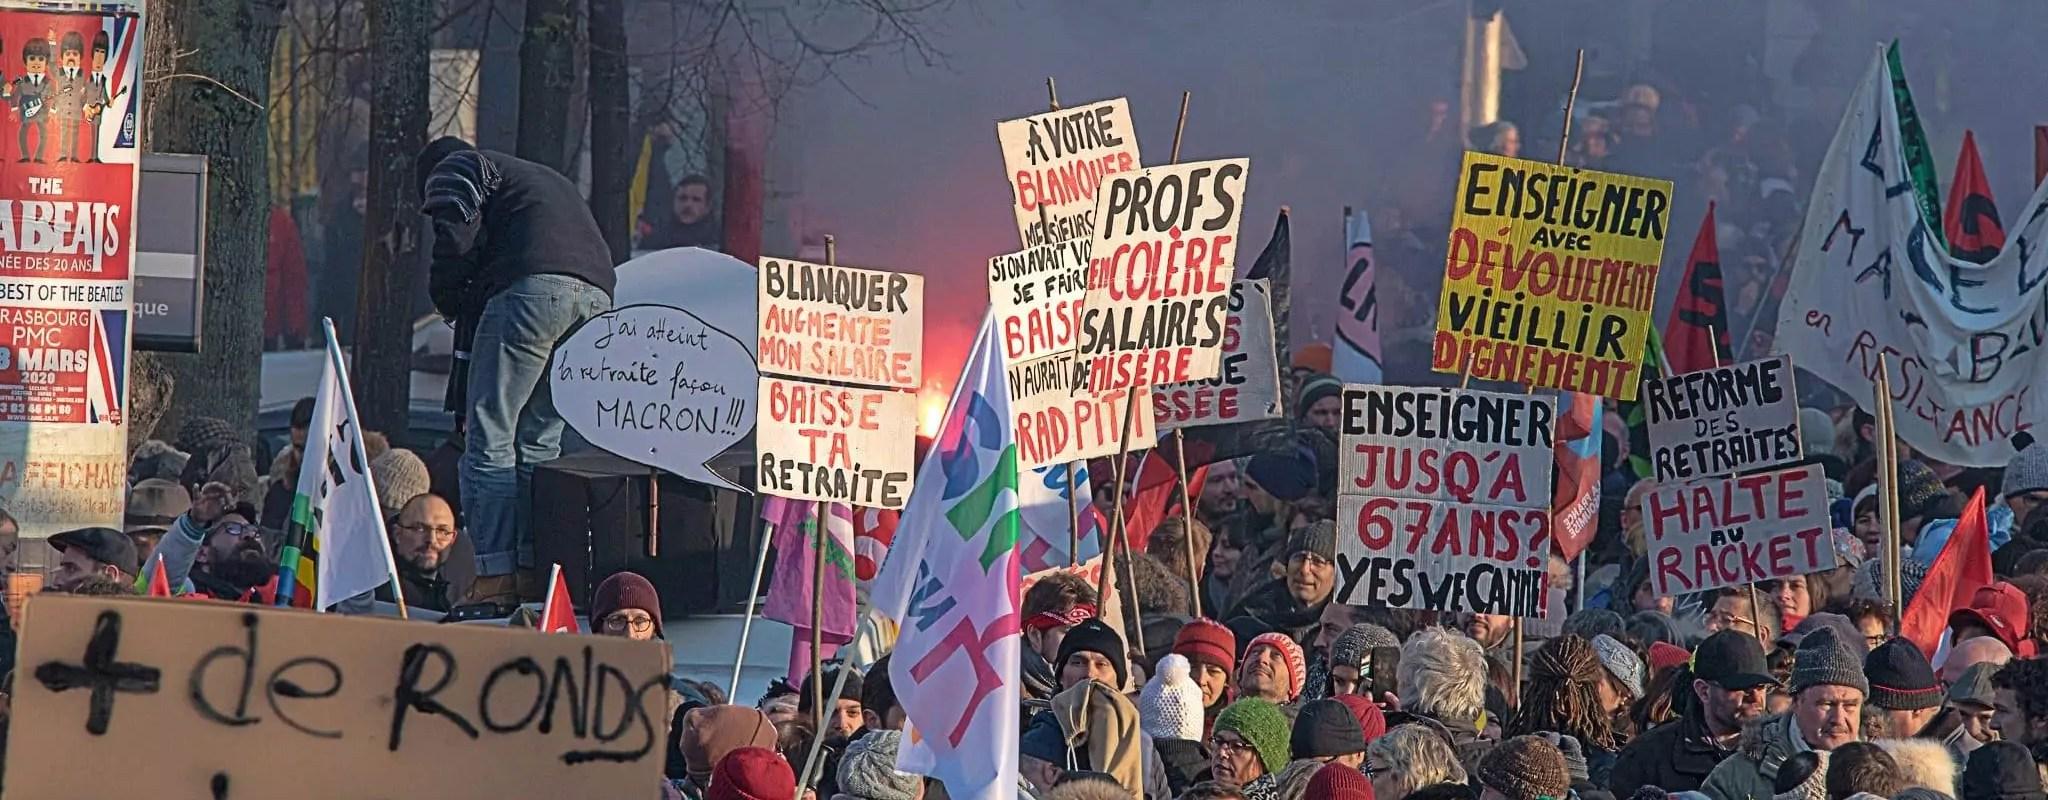 10e manifestation contre la réforme des retraites jeudi